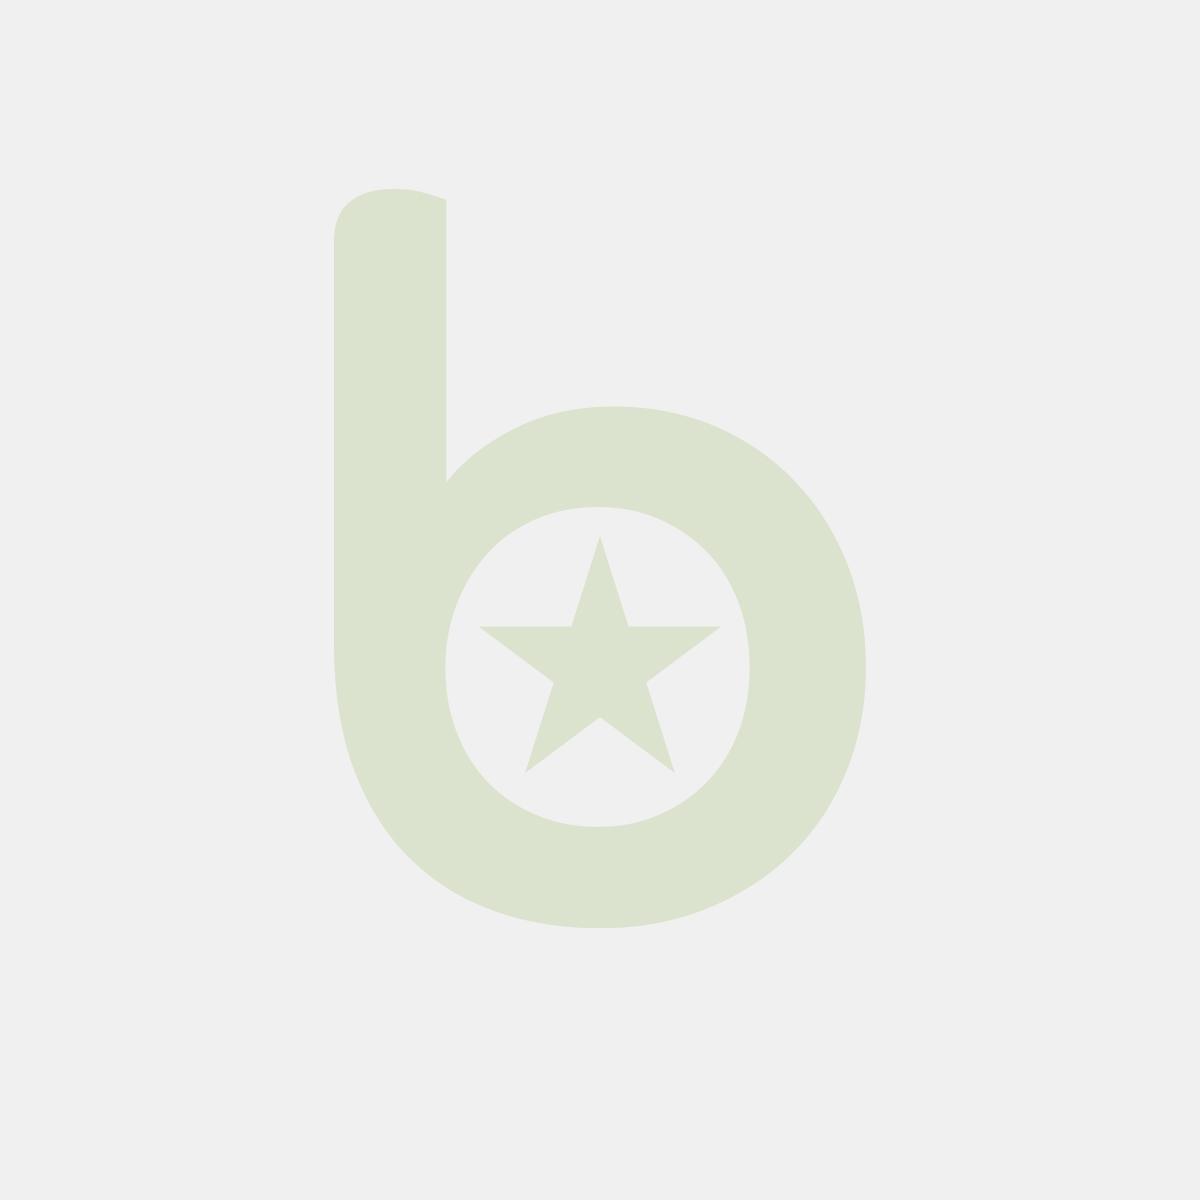 Serwetki PAPSTAR Royal Collection ORNAMENTS 40x40 biały opakowanie 50szt